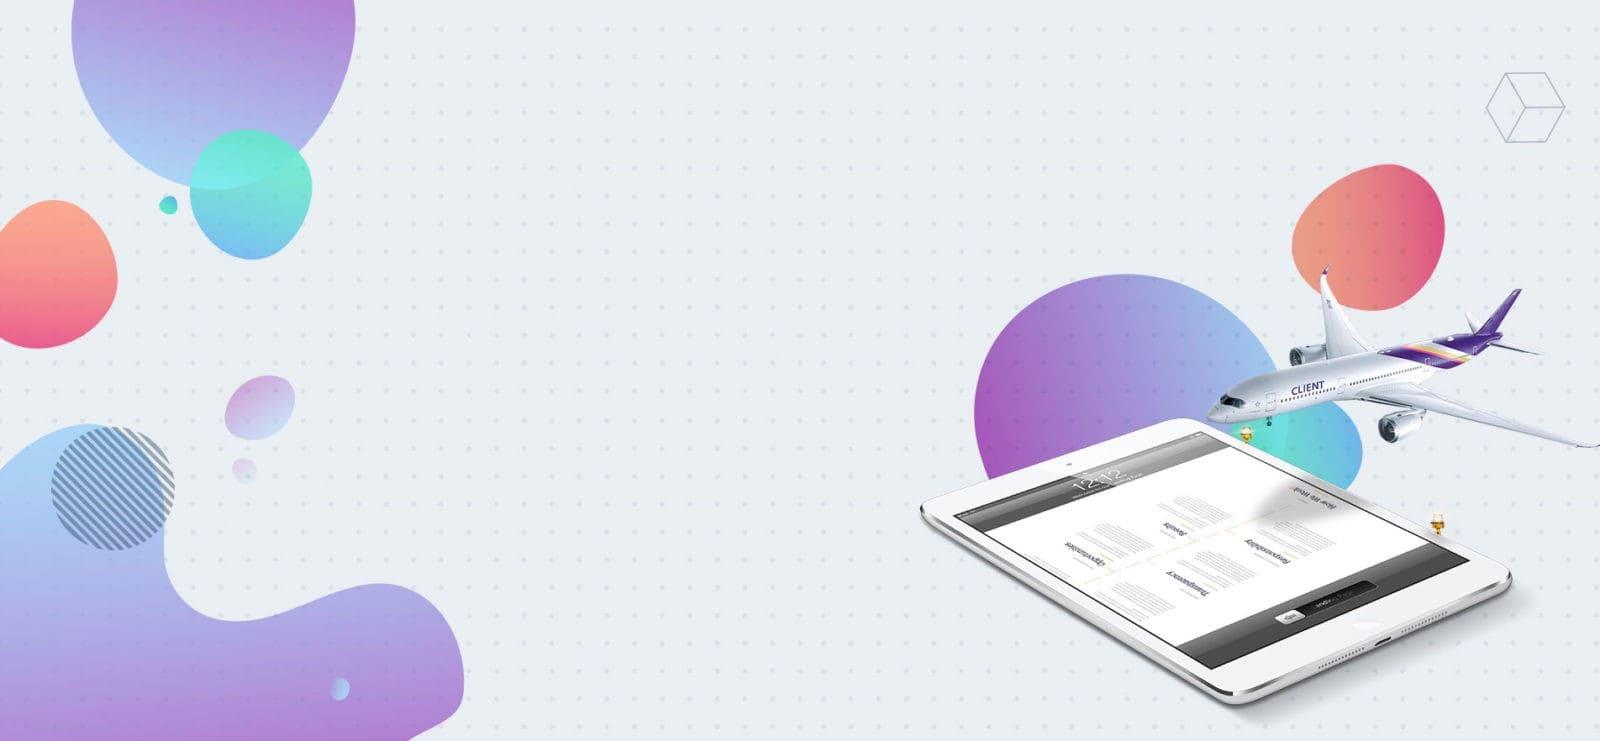 Заказать лендинг пейдж (разработка Landing page) целевая страница.